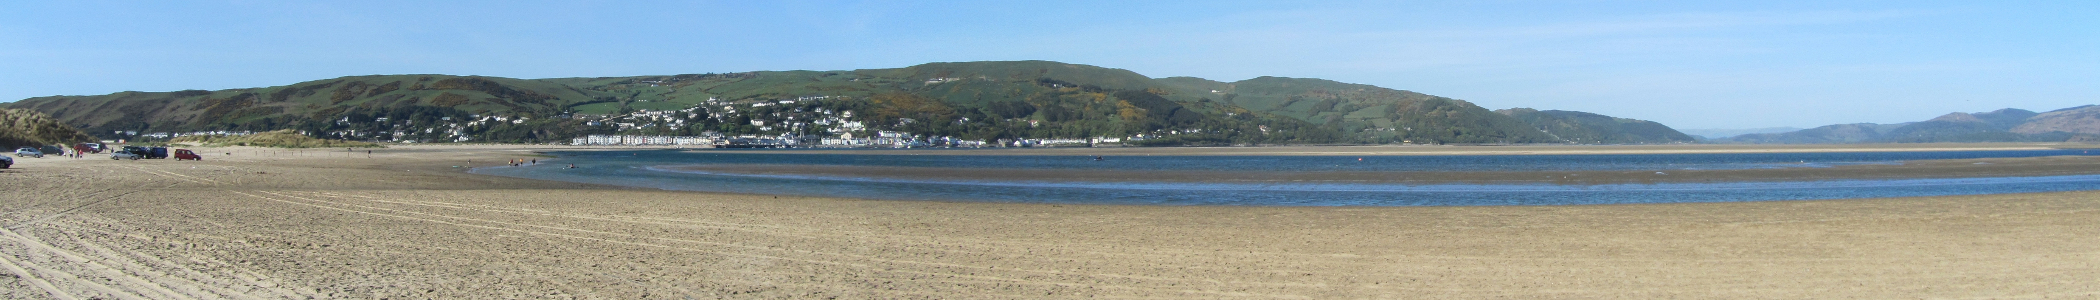 Best Beaches Snowdonia